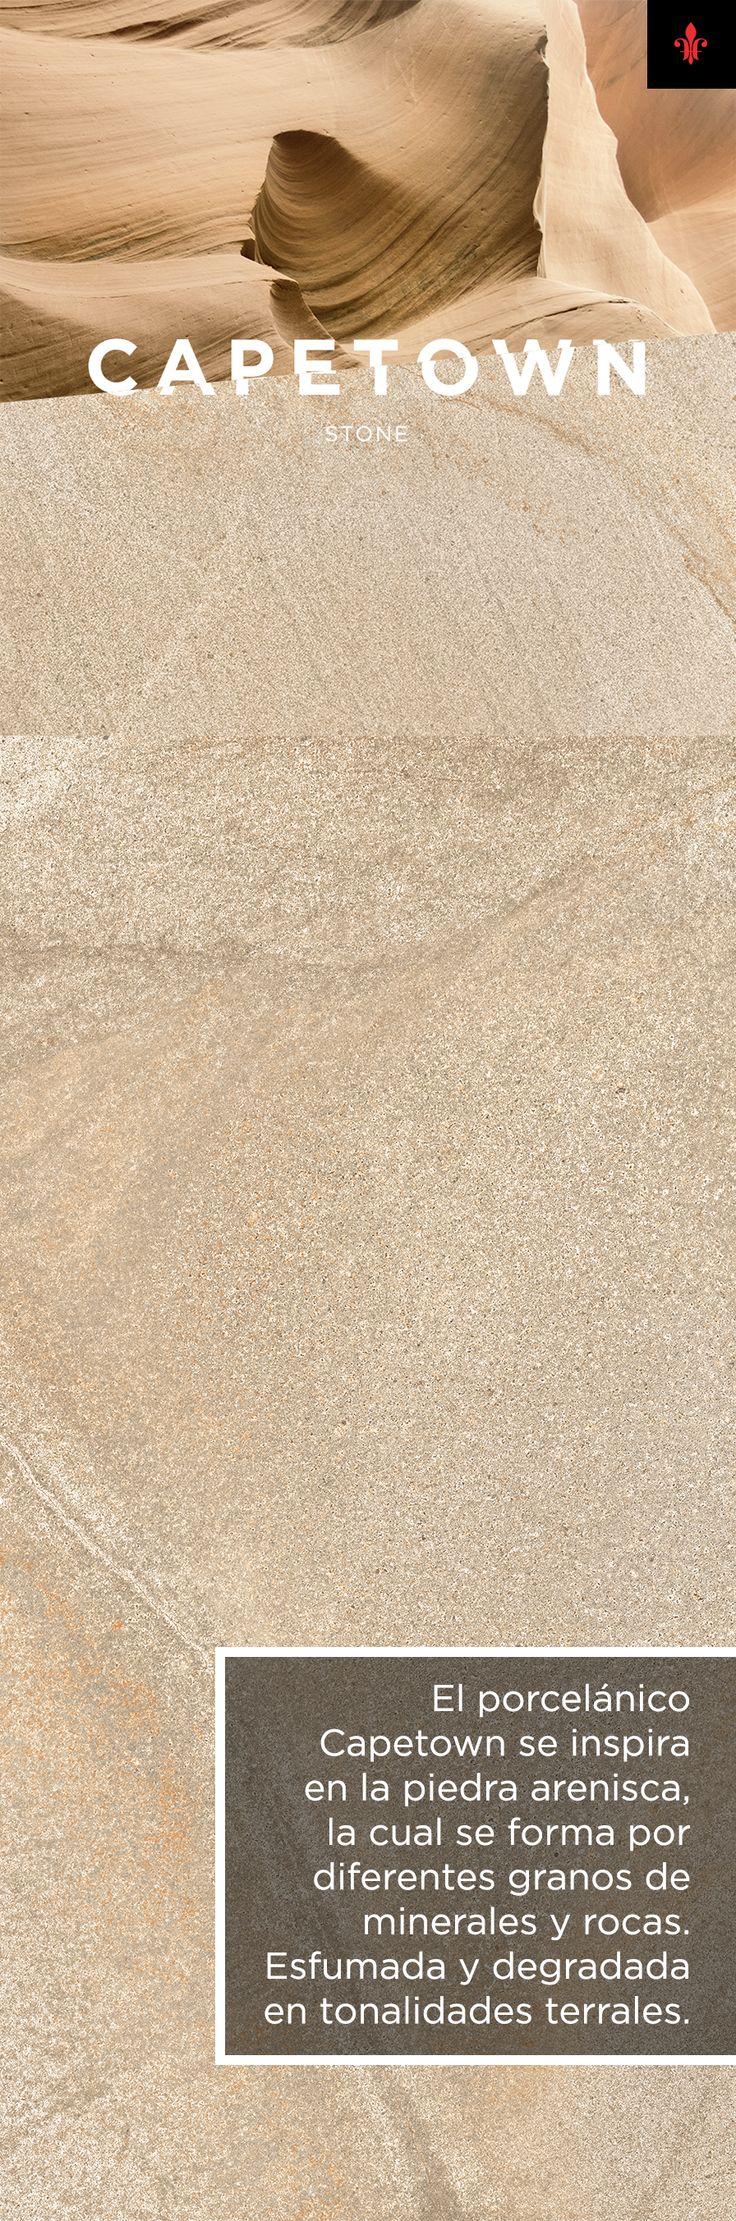 El porcelánico Capetown se inspira en la piedra arenisca, la cual se forma por diferentes granos de minerales y rocas.